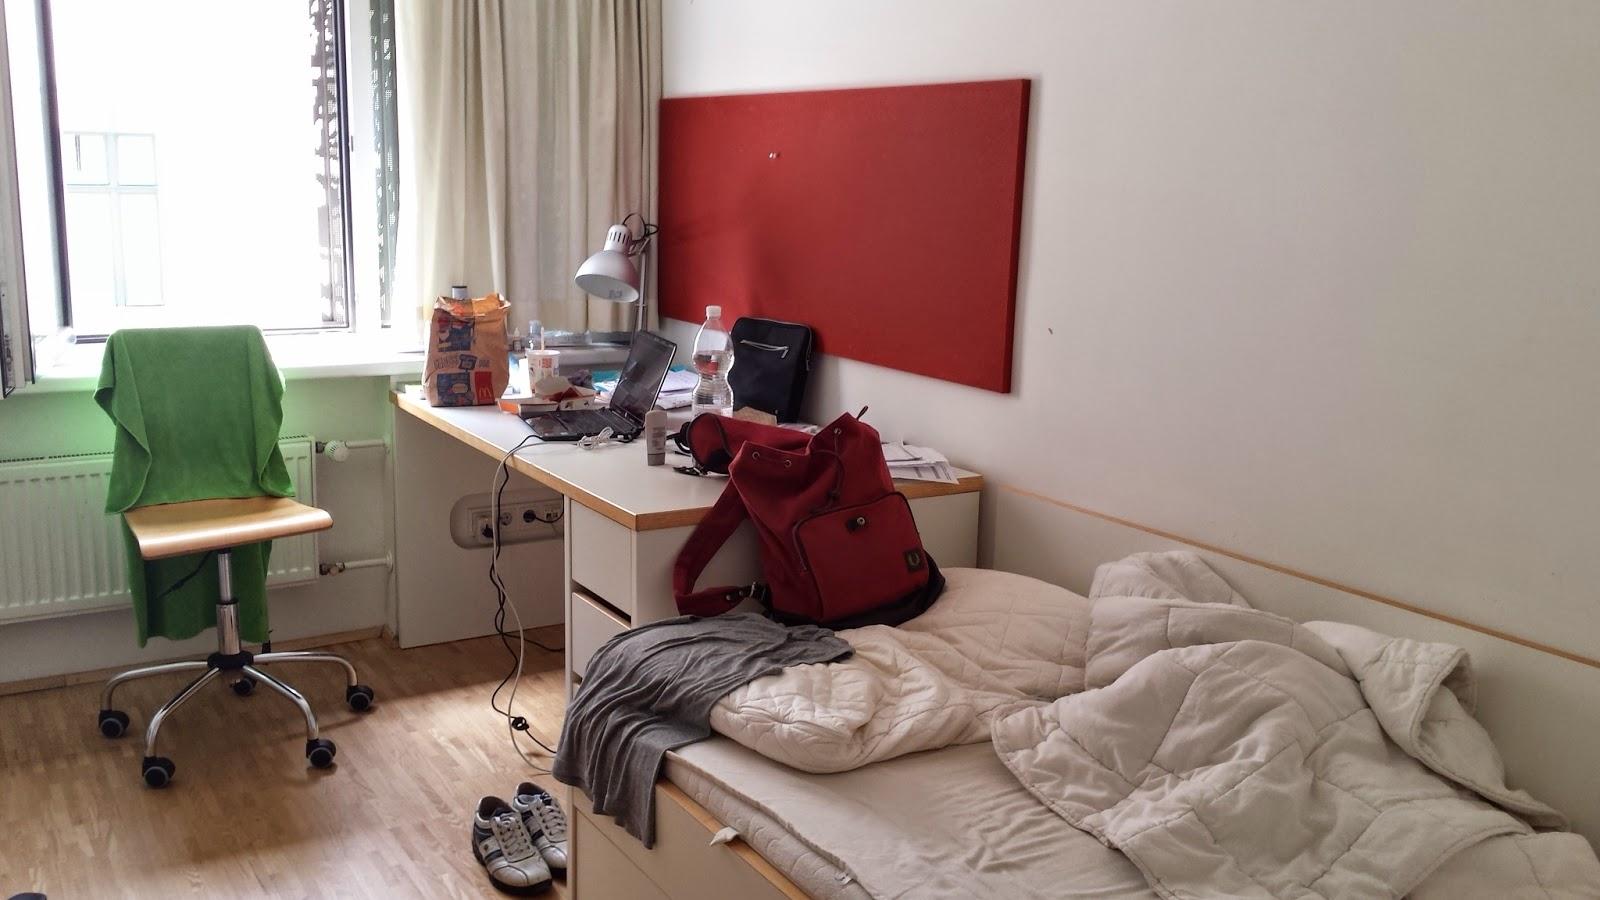 ihcahieh: Depressed | Demented | Deranged: Universität Wien: Mein Zimmer